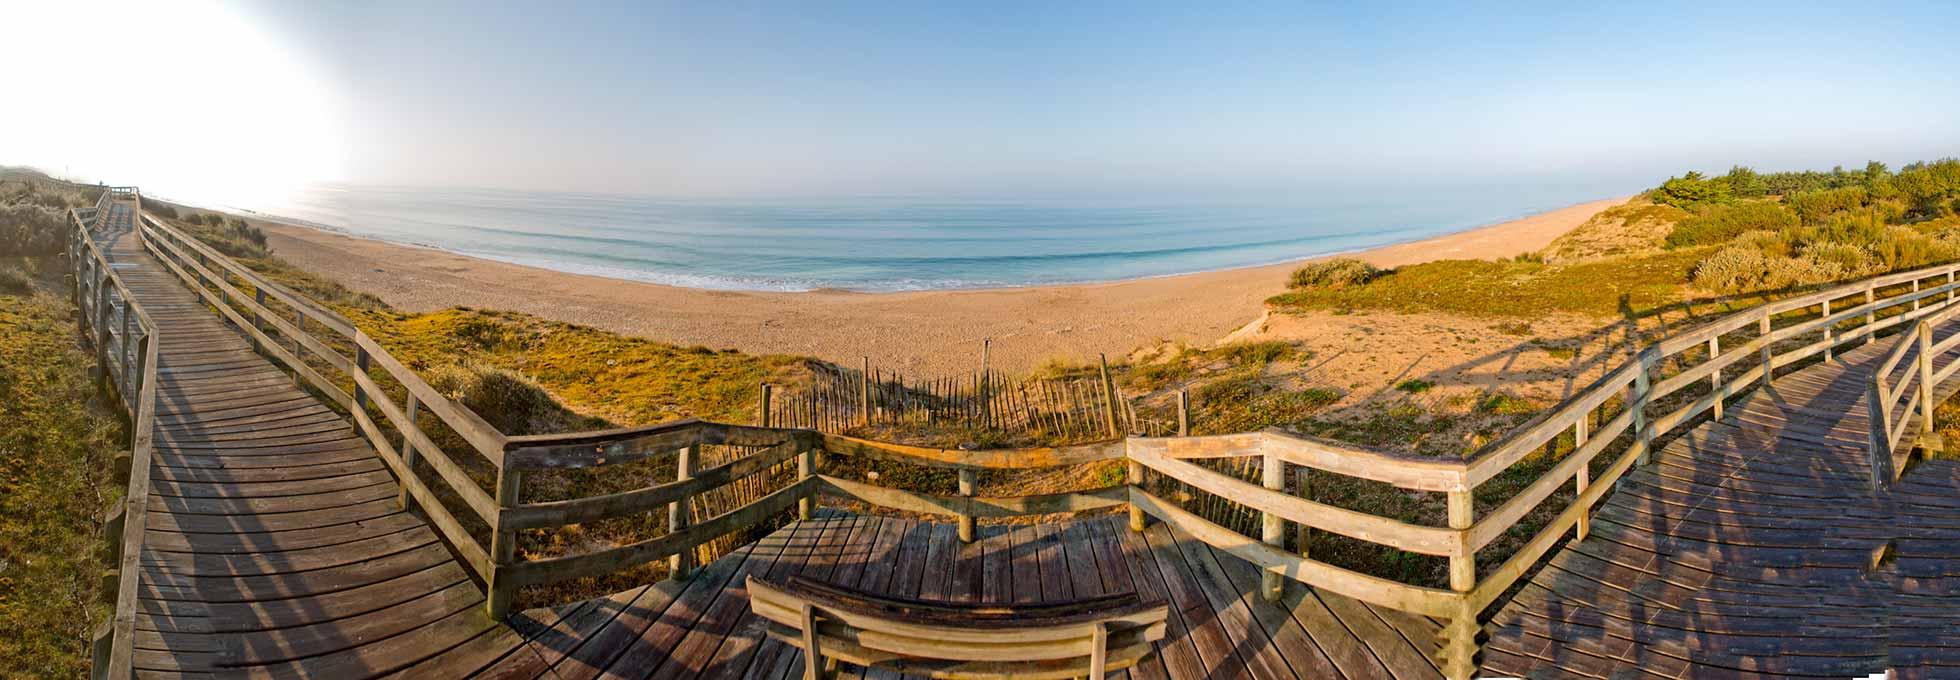 Le Bois plage en Re tourisme village du bois plage depuis camping # Bois Plage En Ré Camping